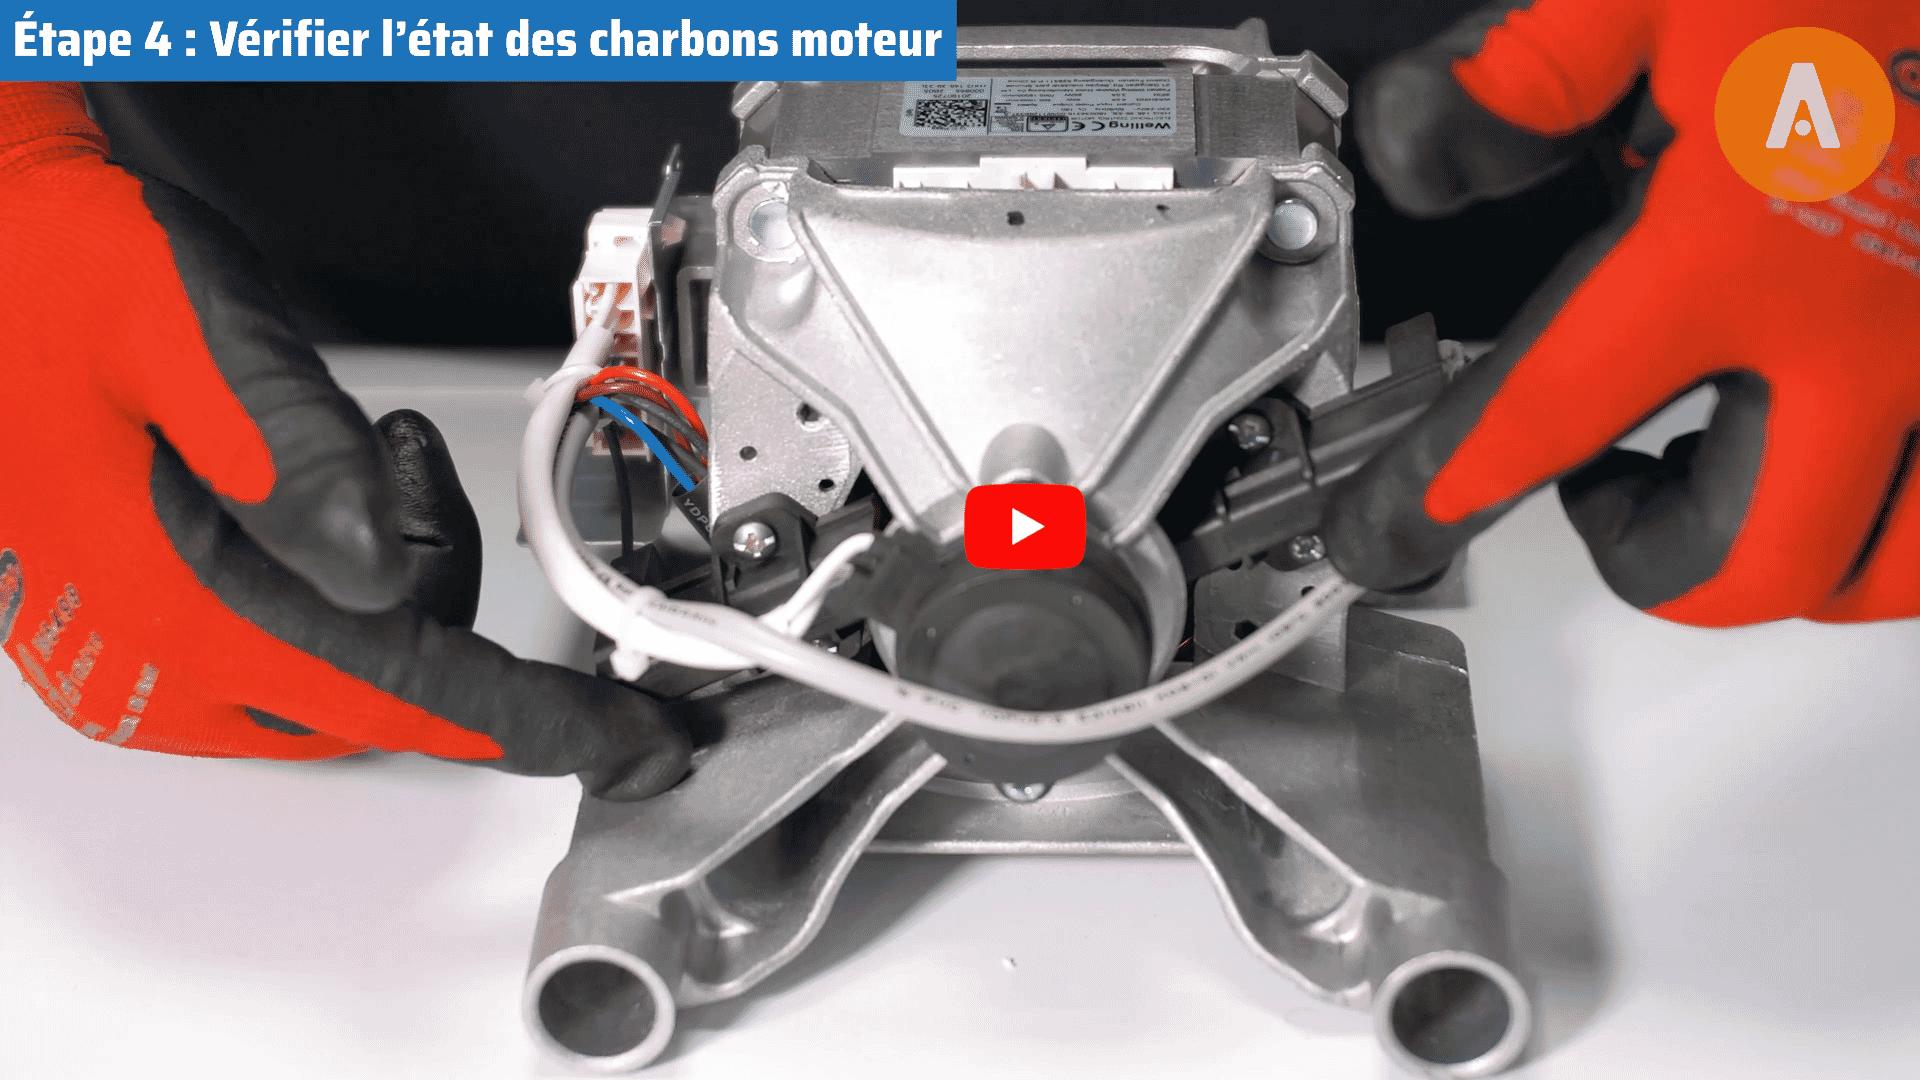 Tutoriel vidéo : comment changer le moteur et les charbons de moteur de mon lave-linge ?